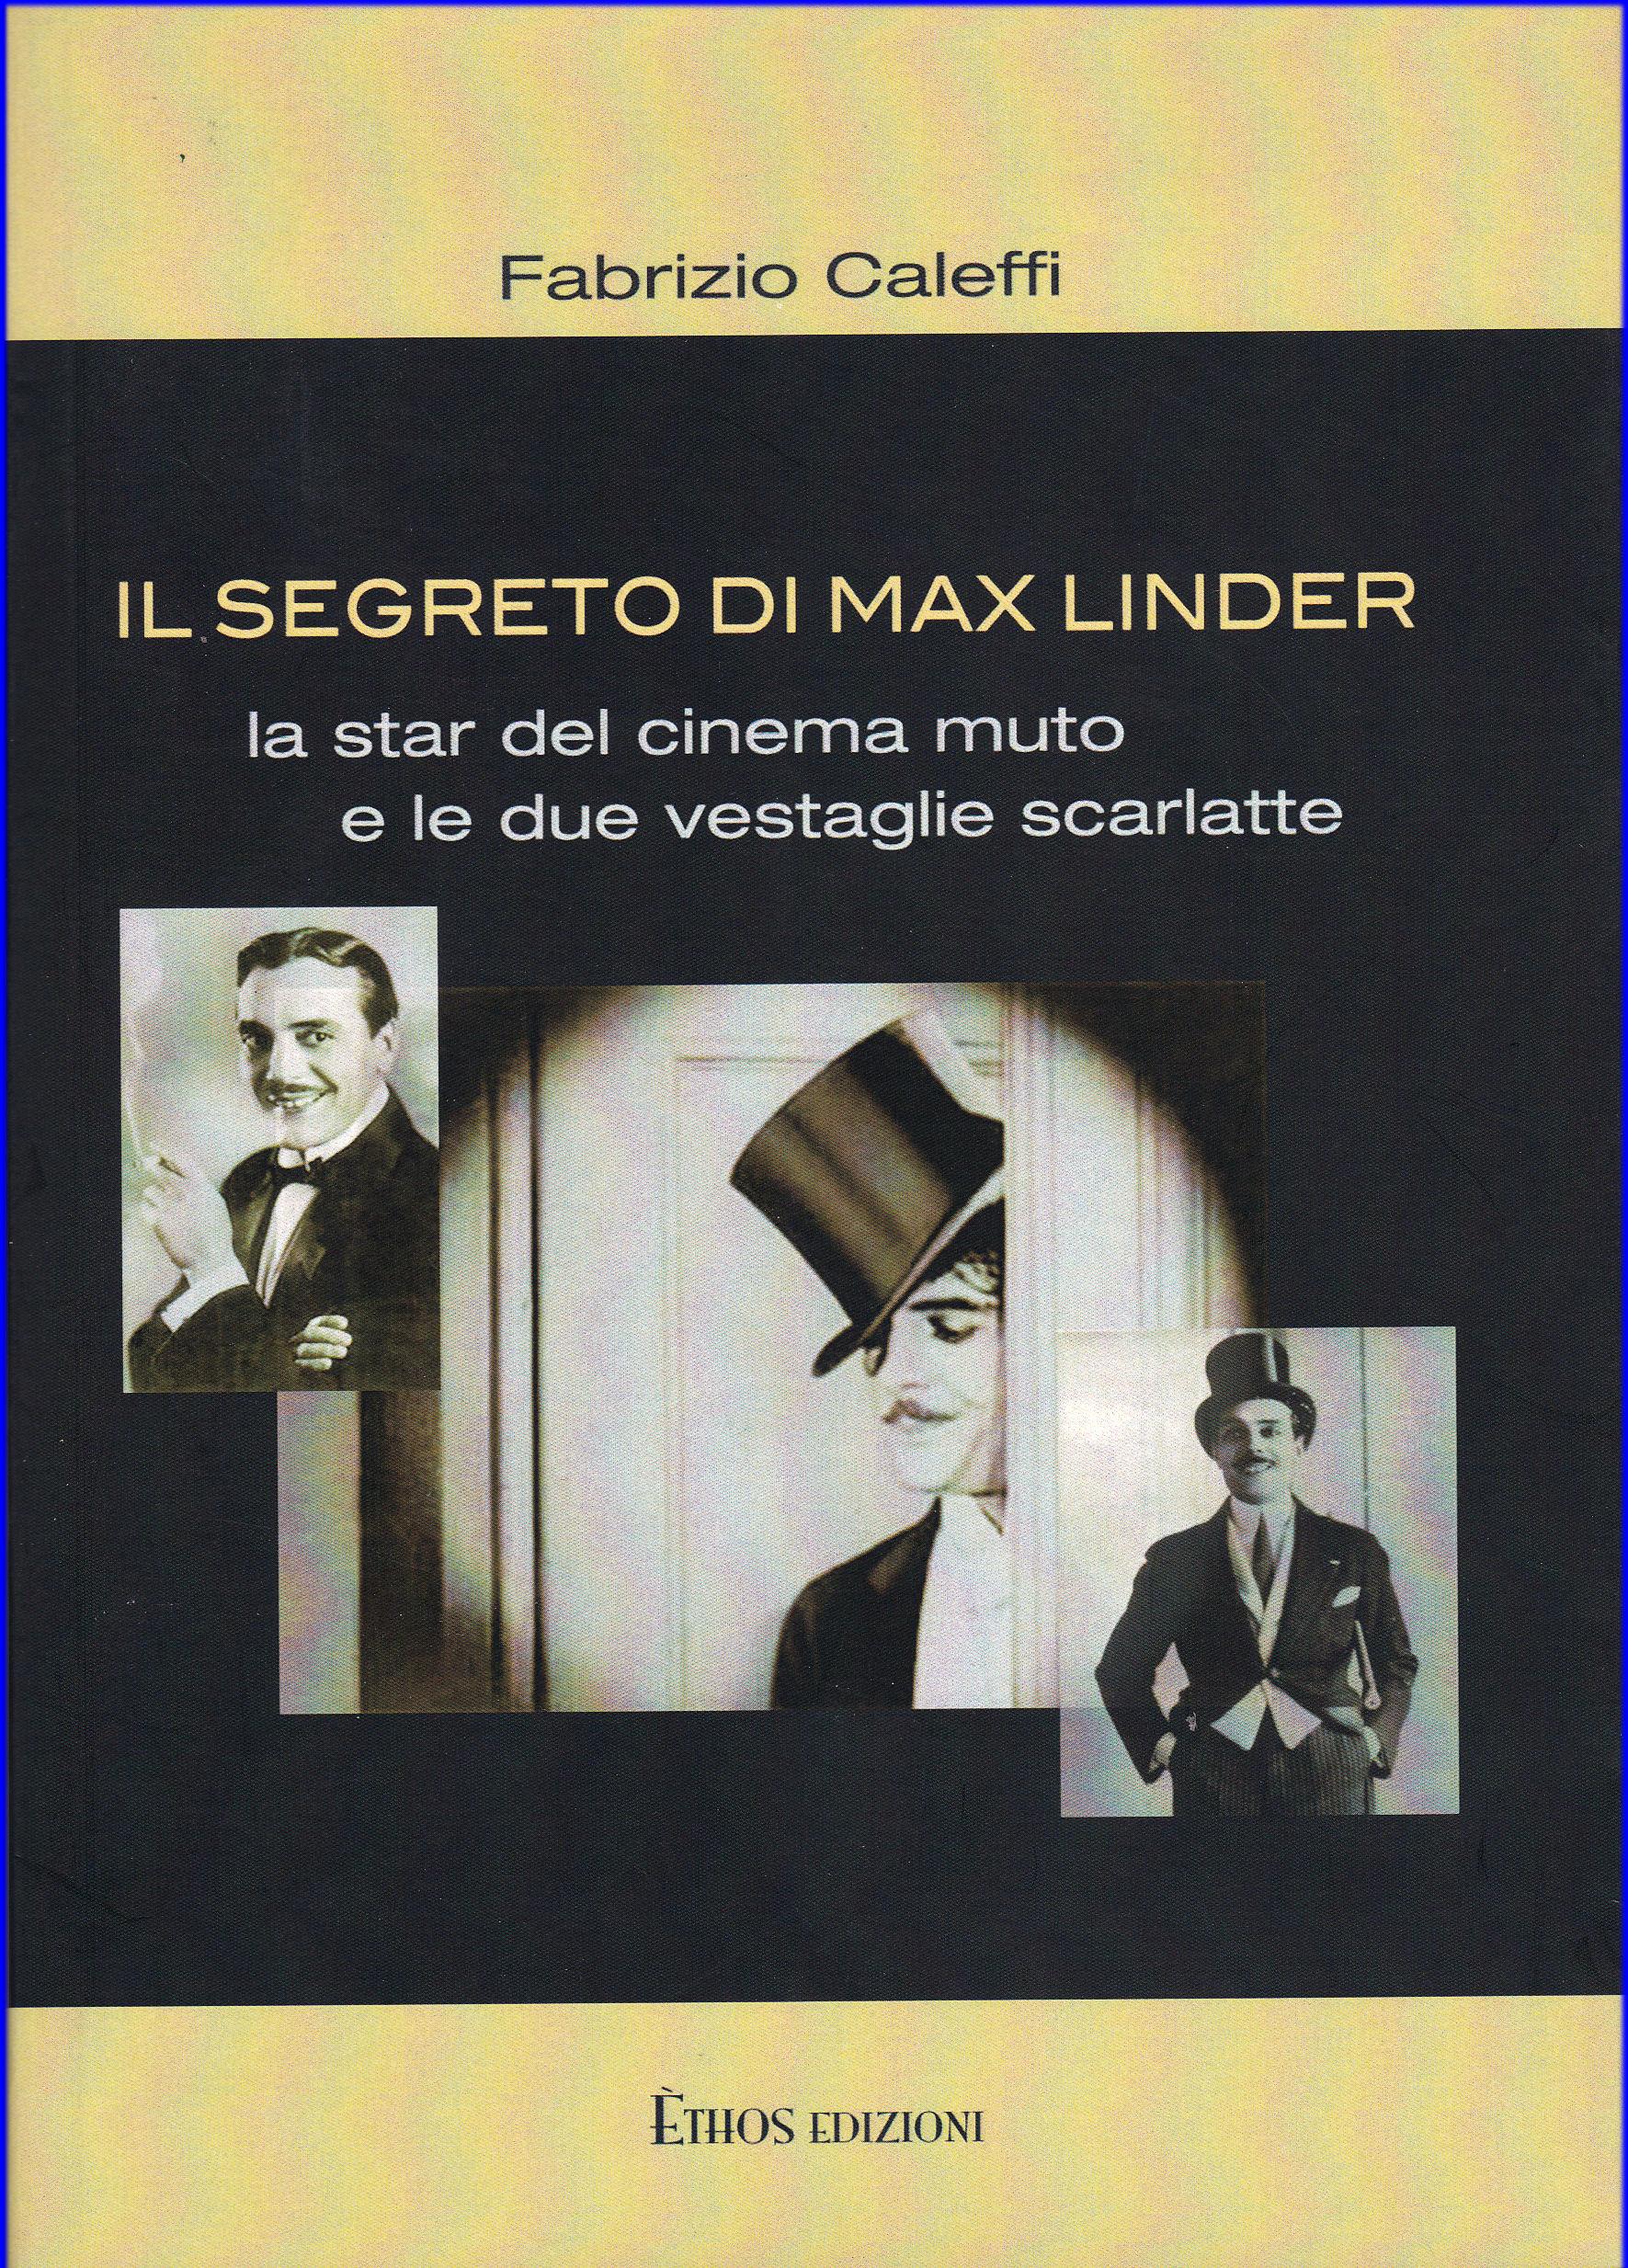 Il segreto di Max Linder. La star del cinema muto e le due vestaglie scarlatte